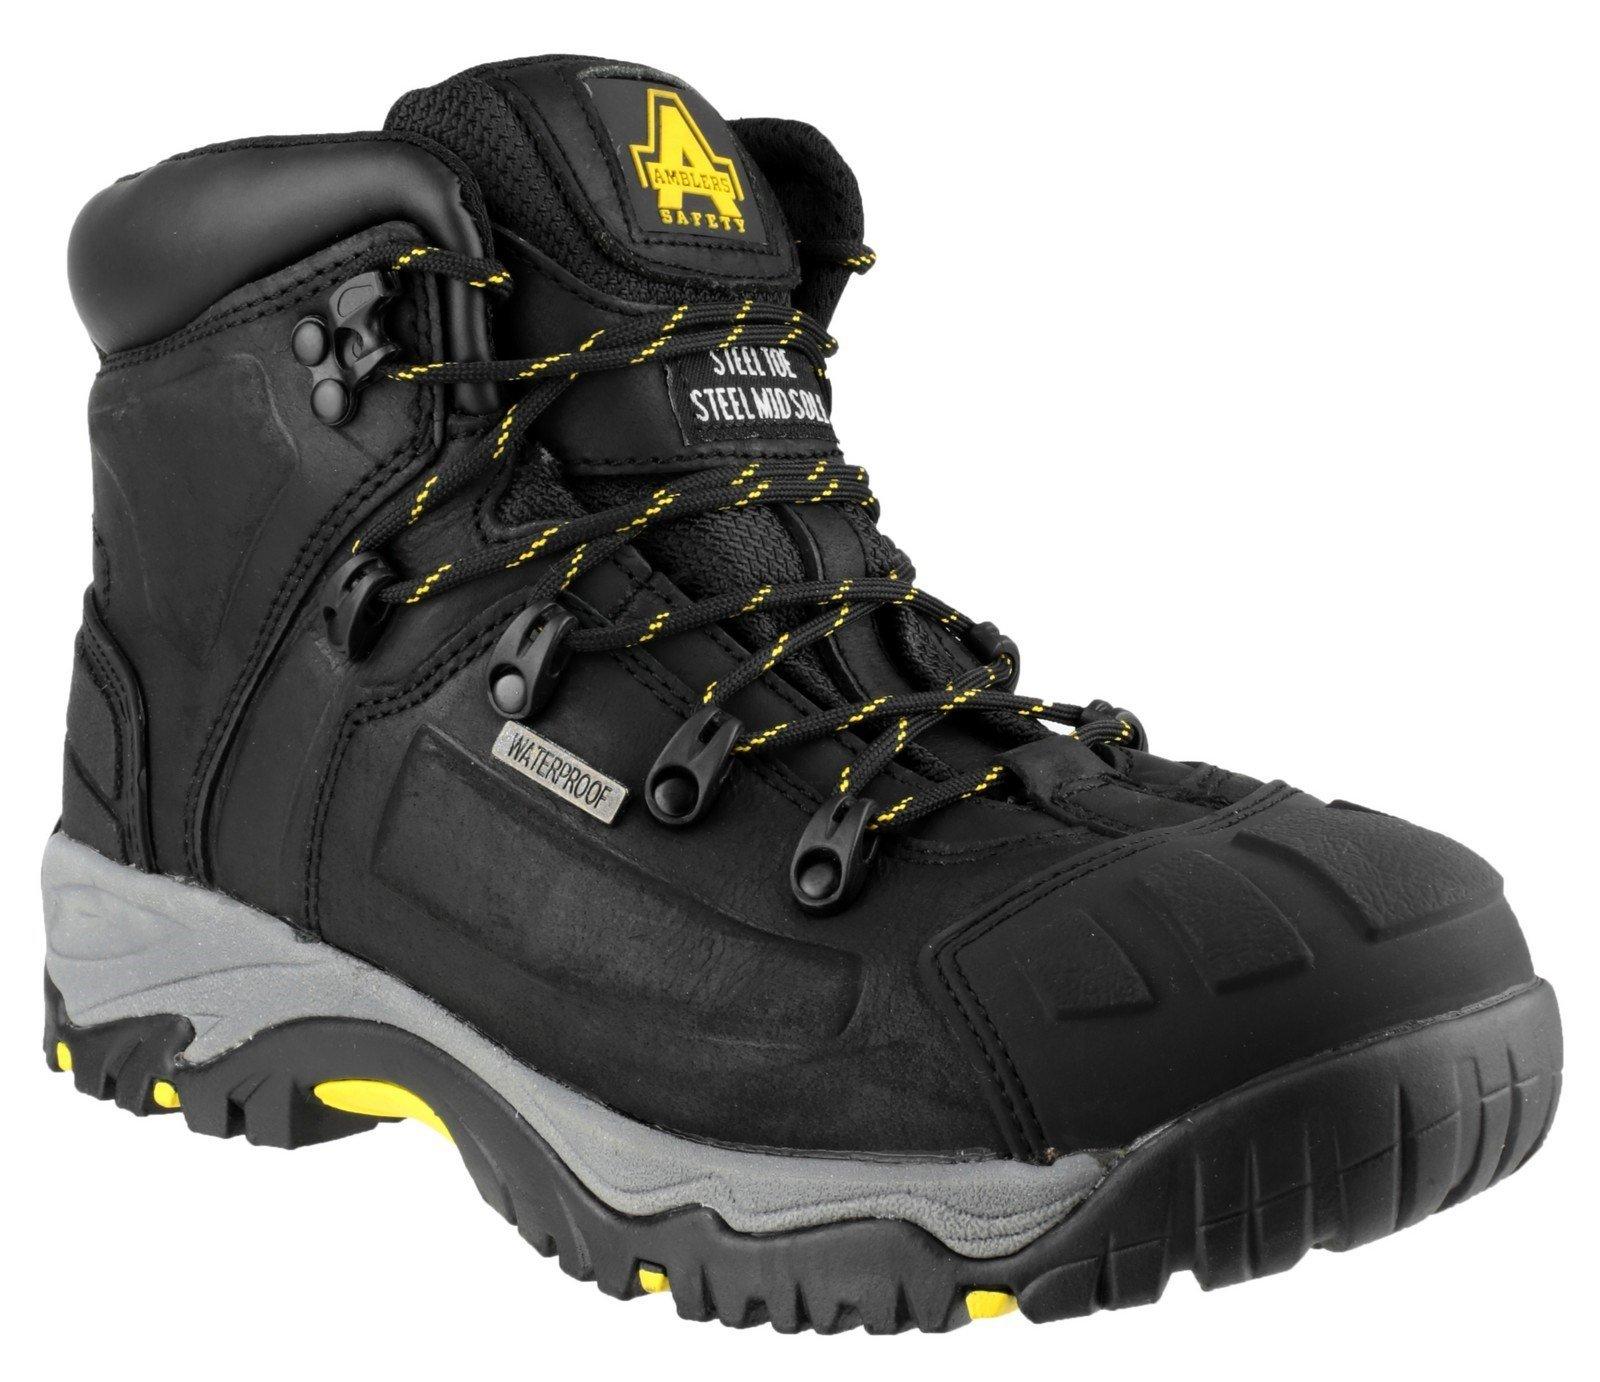 Amblers Unisex Safety Waterproof Boot Black 24876 - Black 3